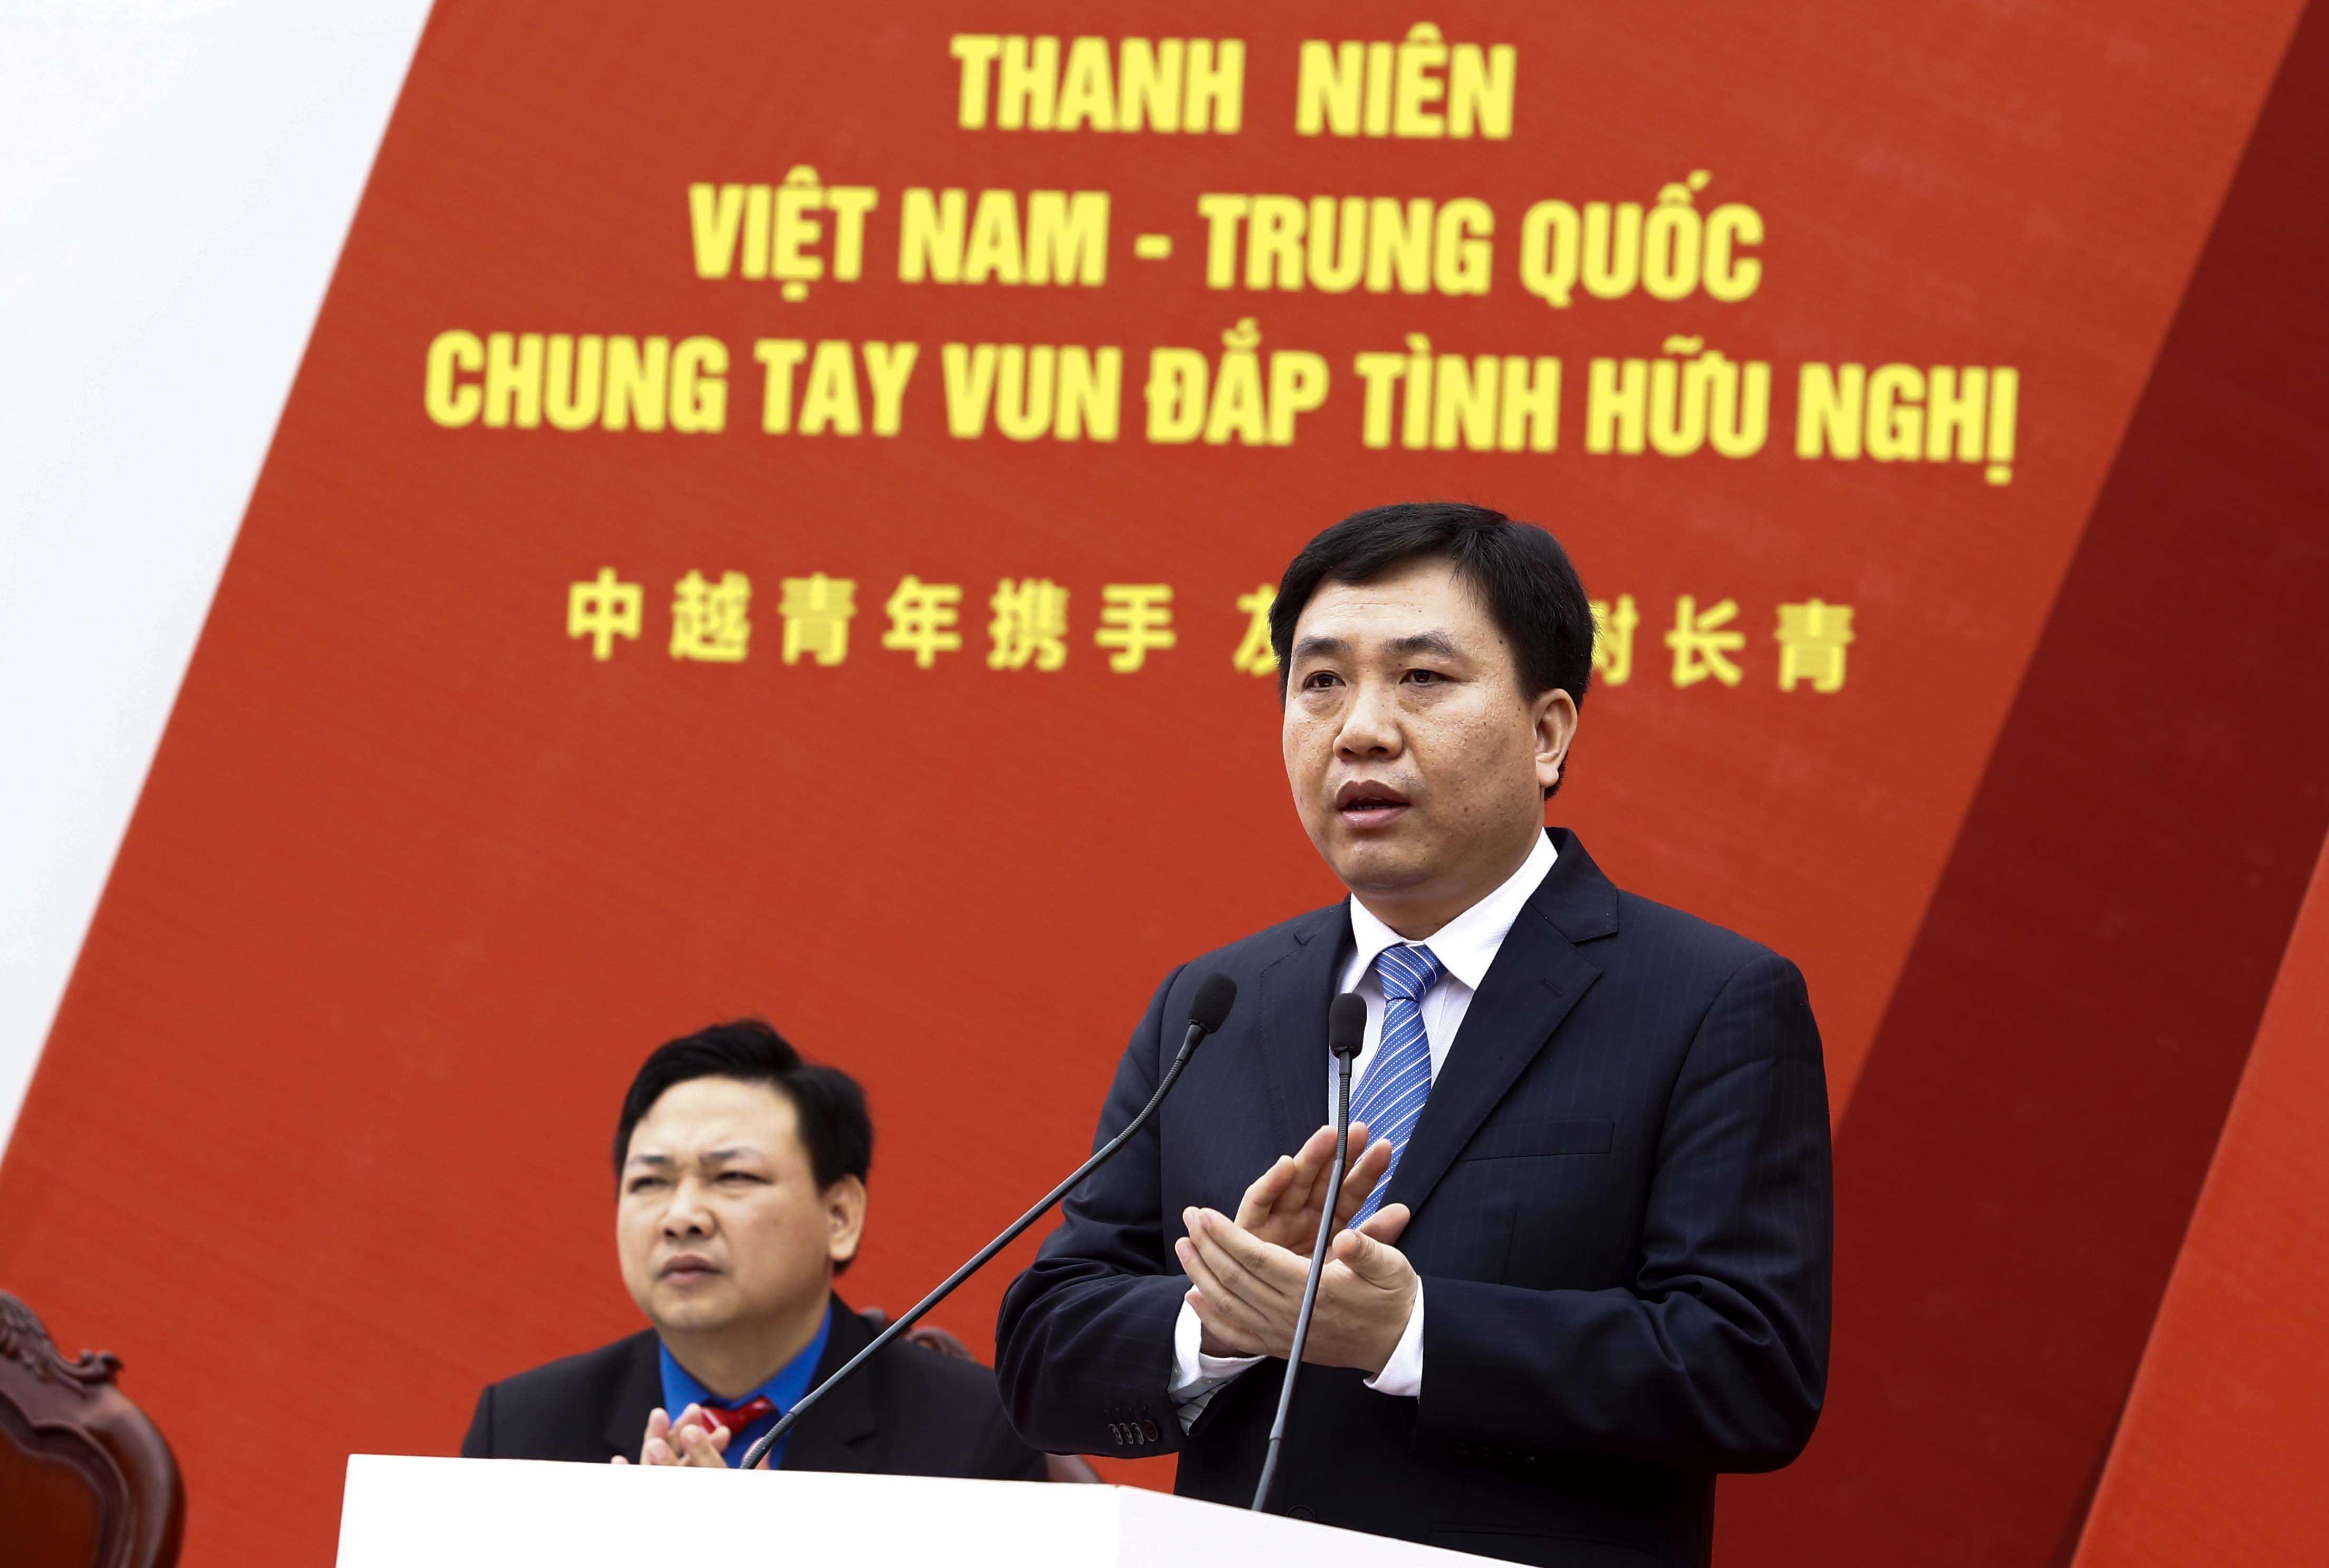 0472 - Khởi động Liên hoan Thanh niên Việt Nam - Trung Quốc lần thứ III